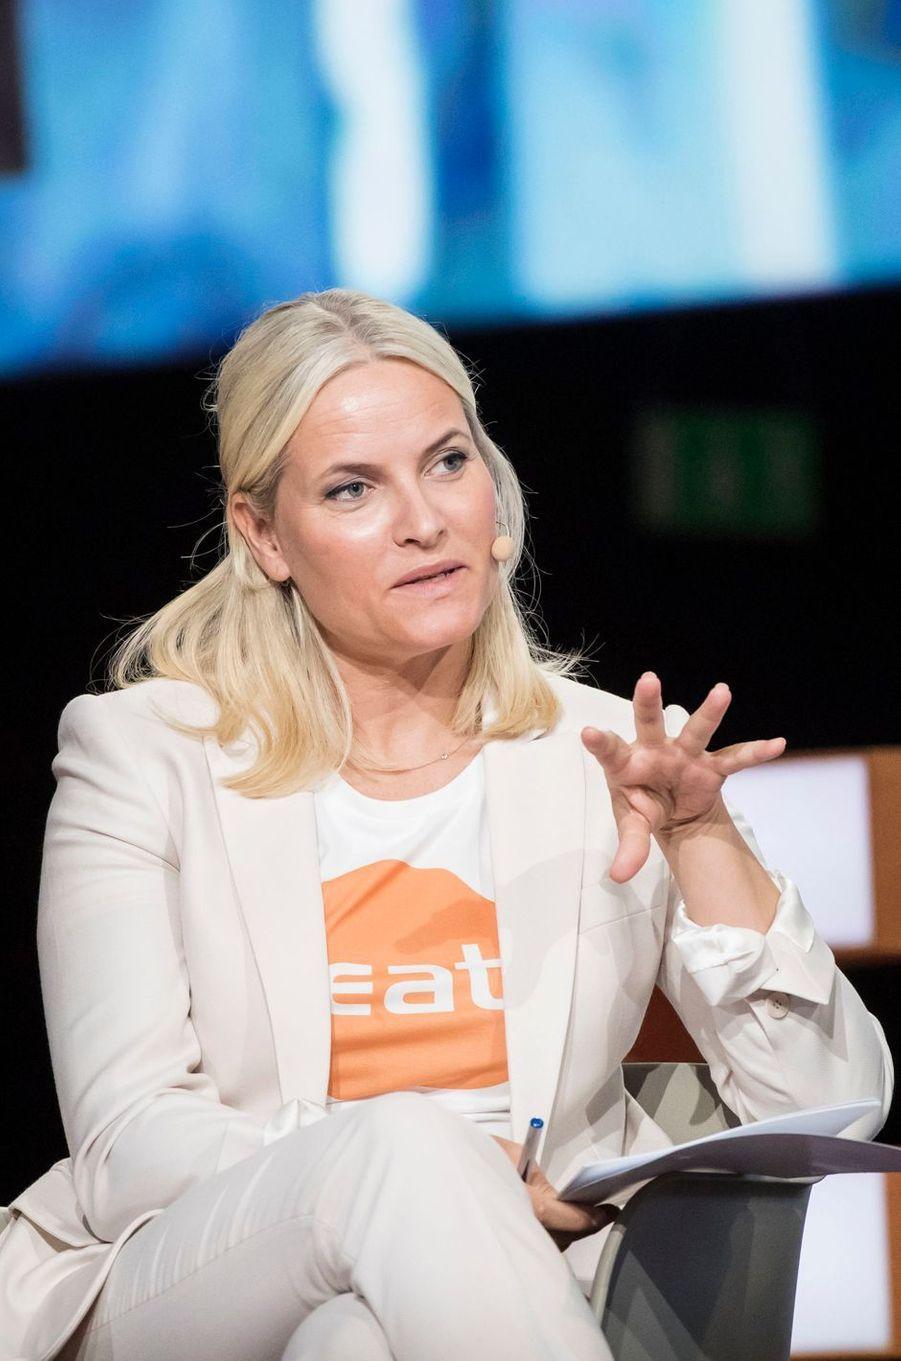 La princesse Mette-Marit de Norvège à Stockholm, le 14 juin 2016